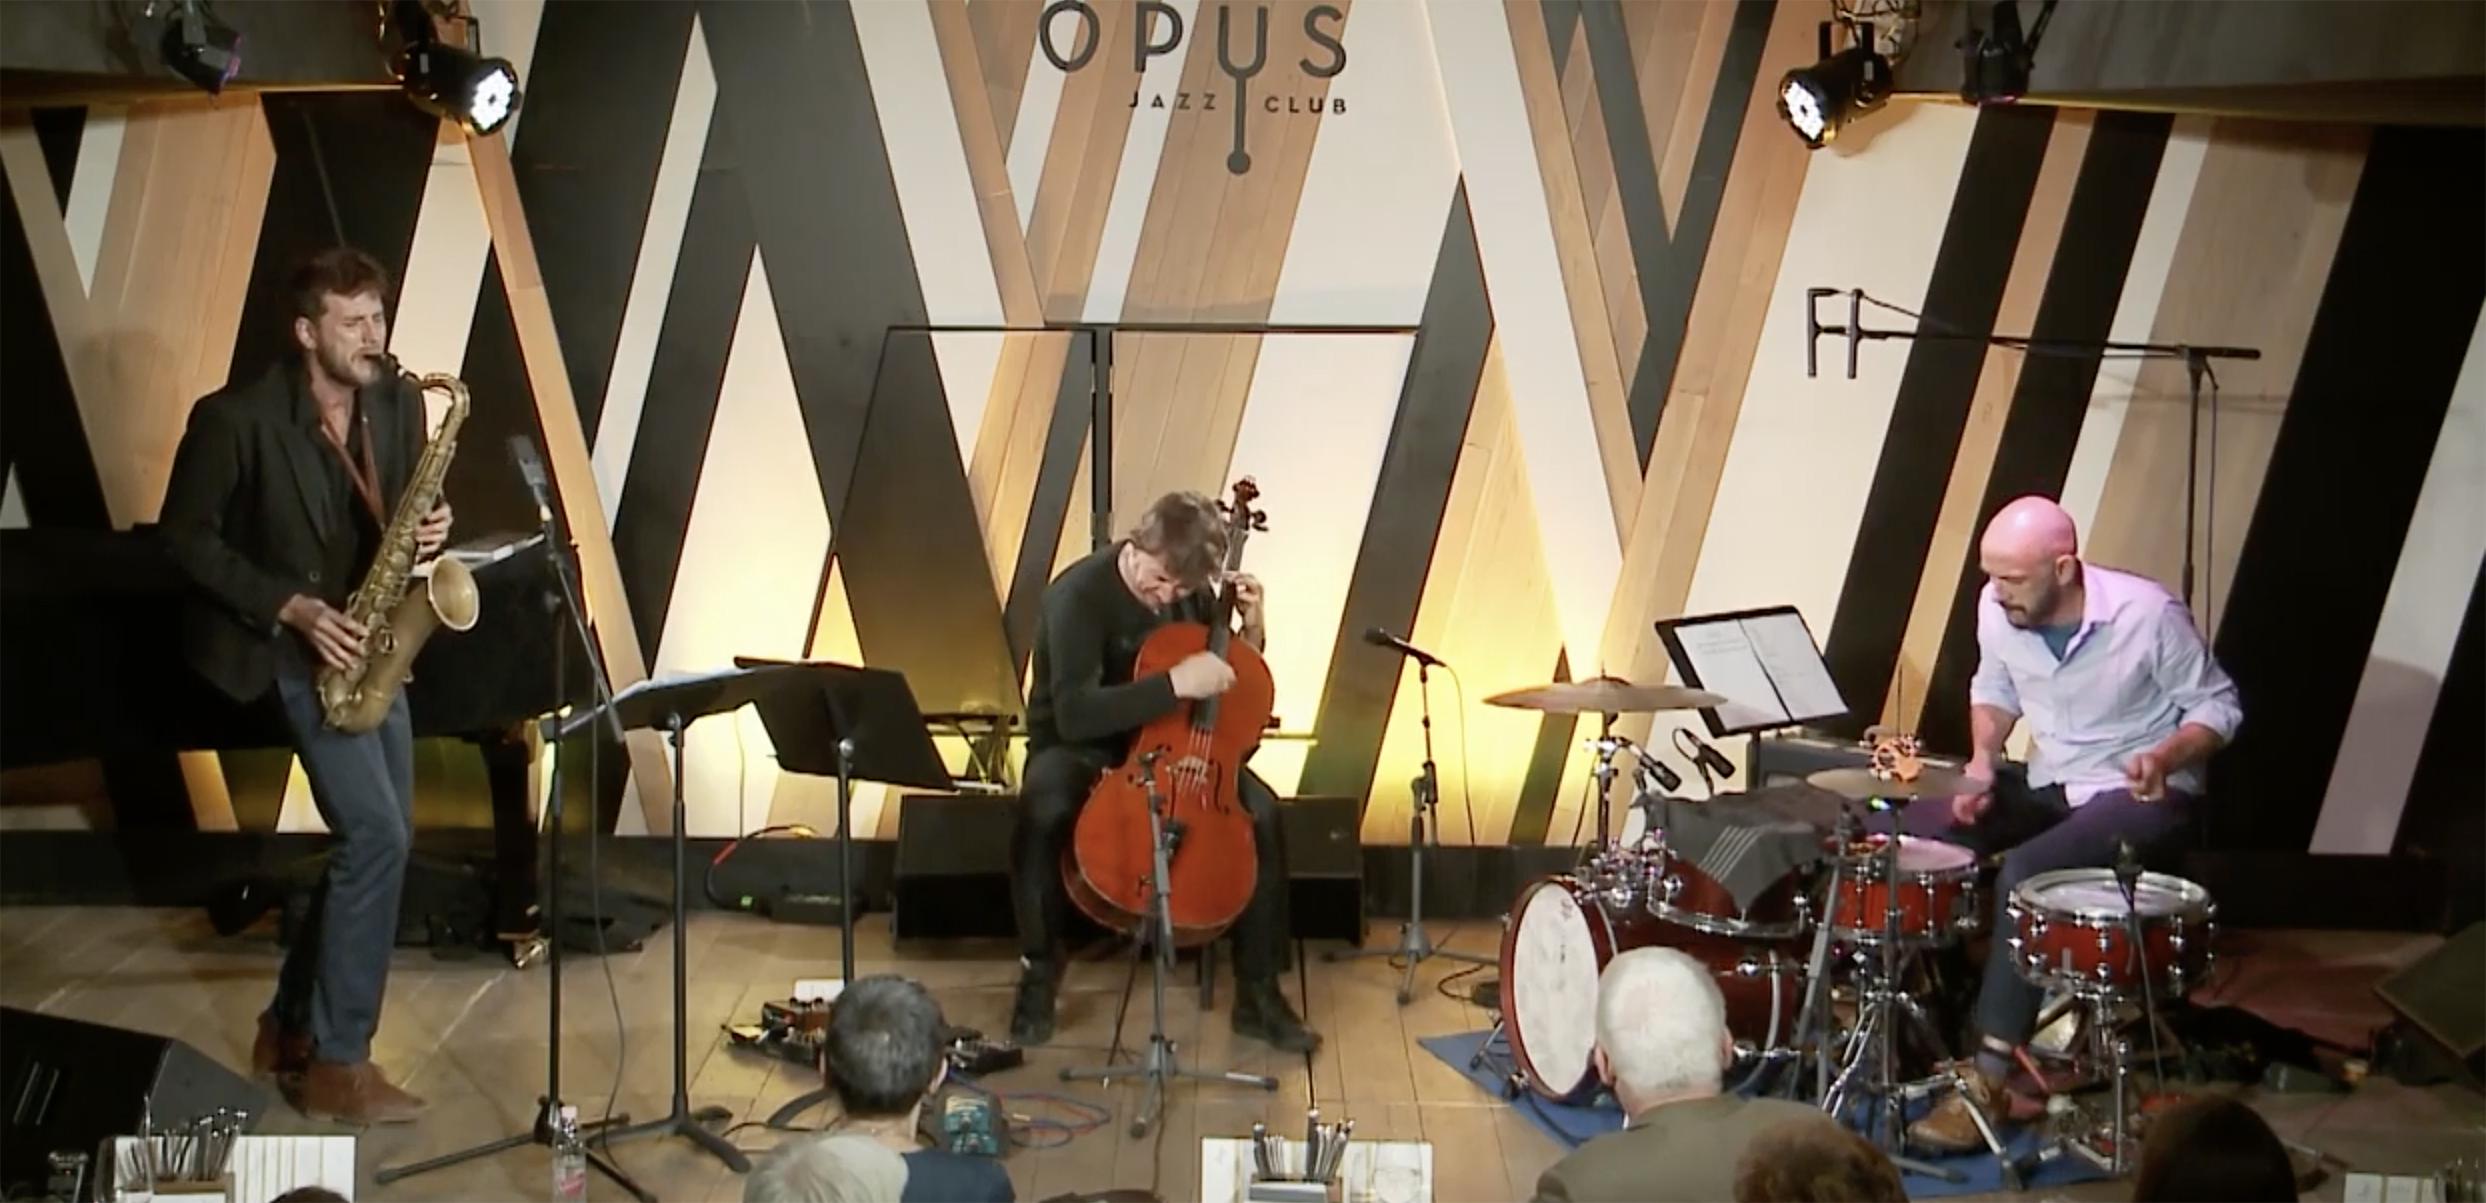 Les démons de Tosca chroniqués dans Citizen Jazz !